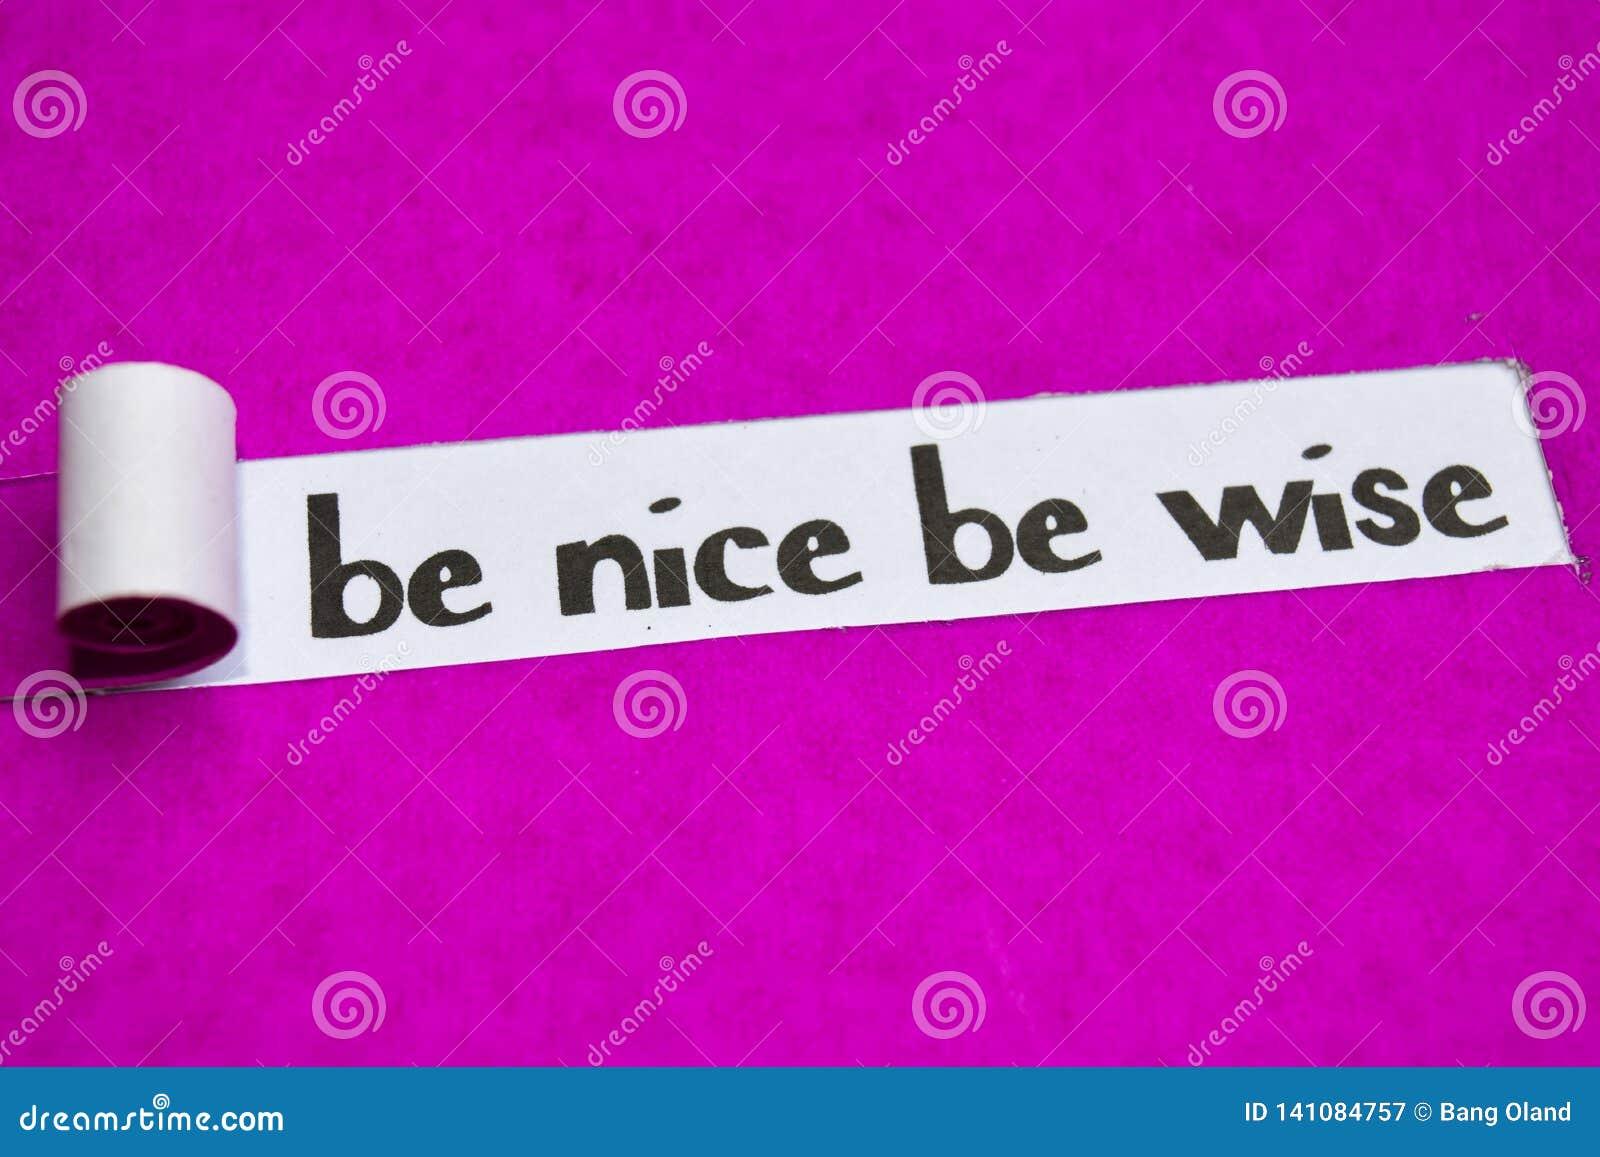 Ben Nice is Wijs tekst, Inspiratie, Motivatie en bedrijfsconcept op purper gescheurd document